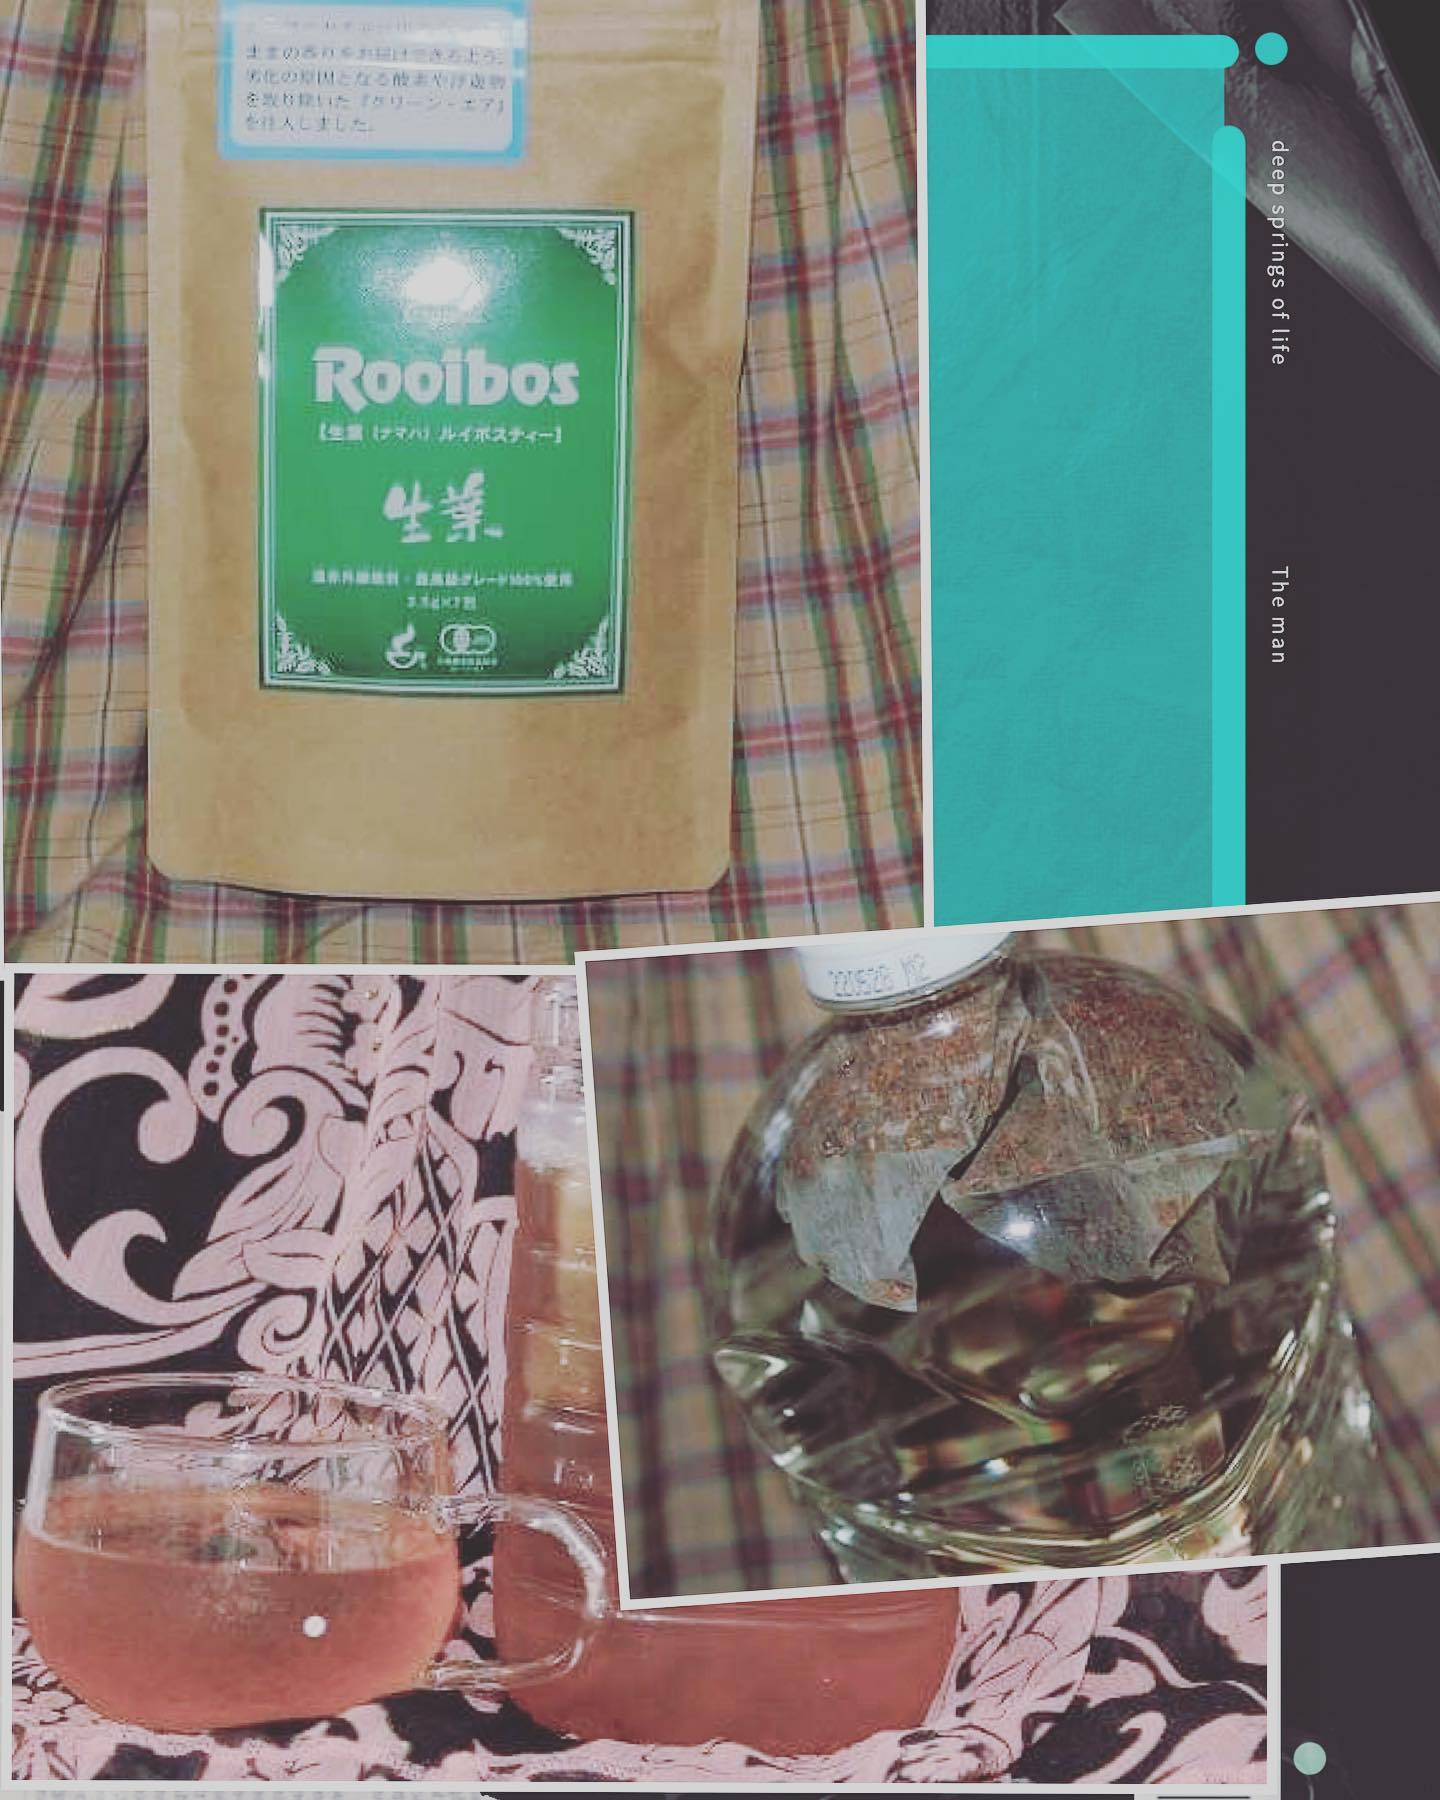 口コミ投稿:ルイボスティーの中でも、オーガニック認証を取得した最高級グレードの茶葉を100%使…